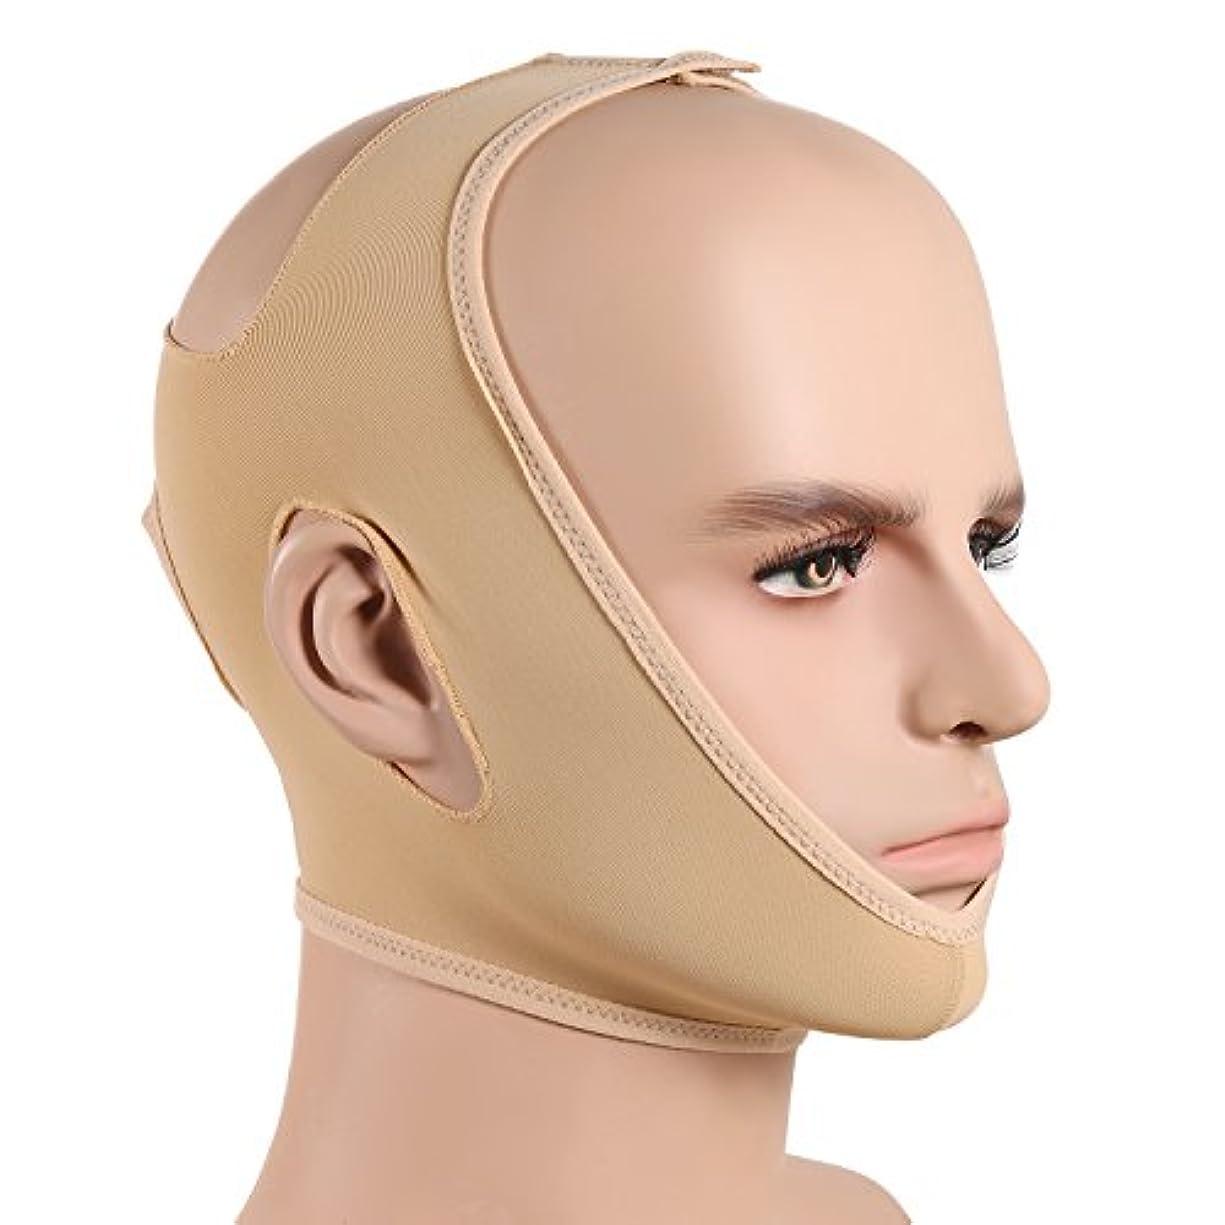 酸化物農業アグネスグレイJewelryWe 小顔ベルト 美顔マスク 眠りながら 小顔 矯正 額、顎下、頬リフトアップ 小顔マスク 男女兼用 Lサイズ